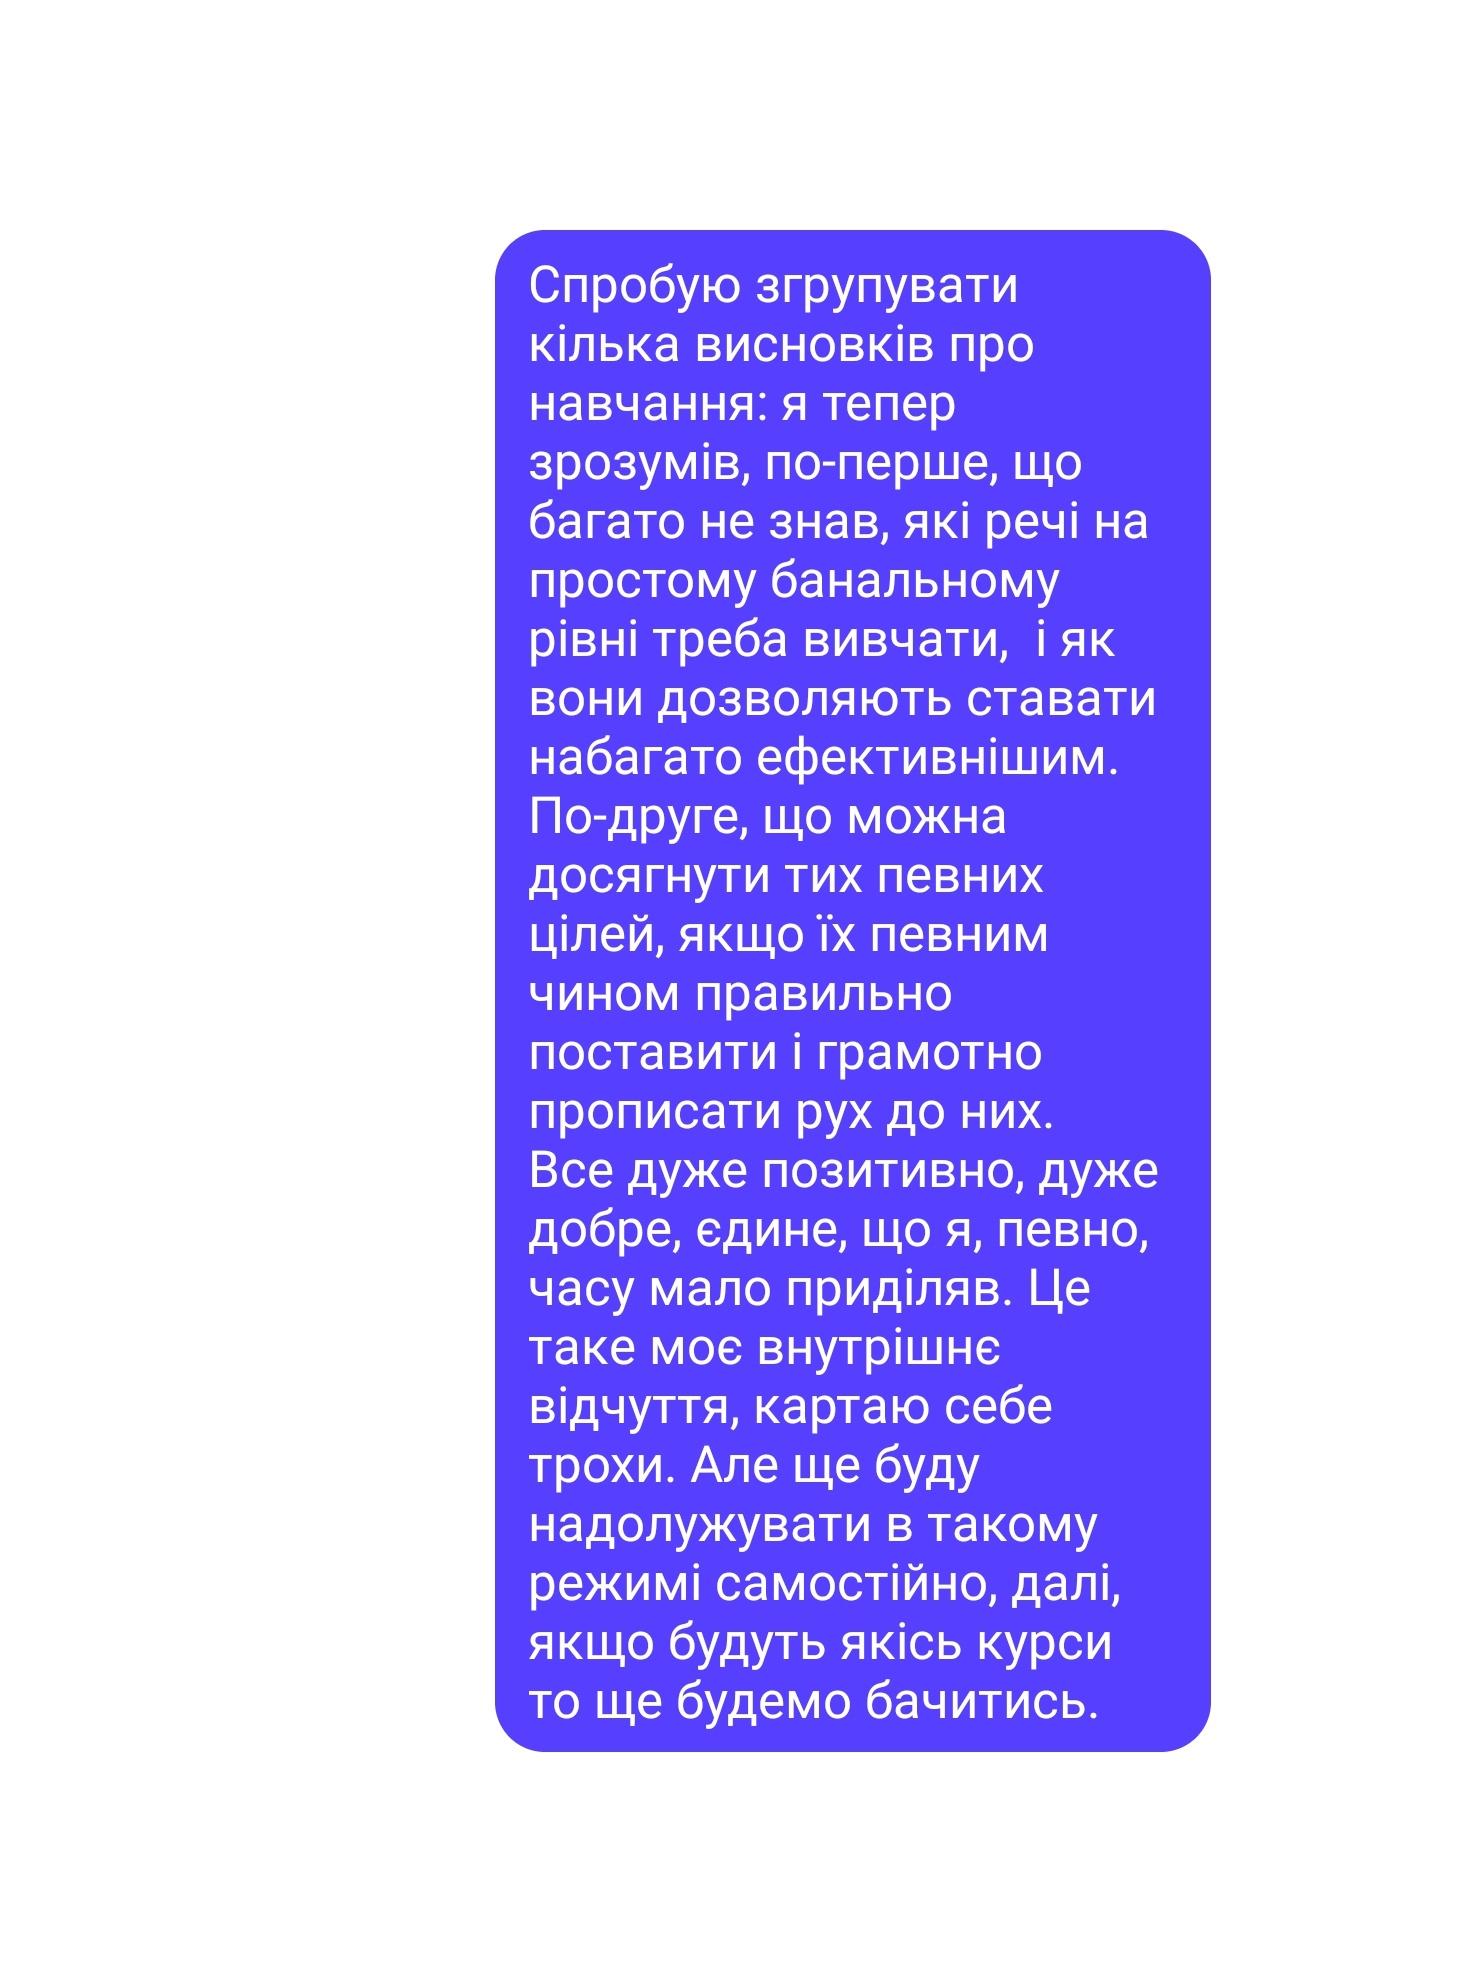 Костянтин Орловський